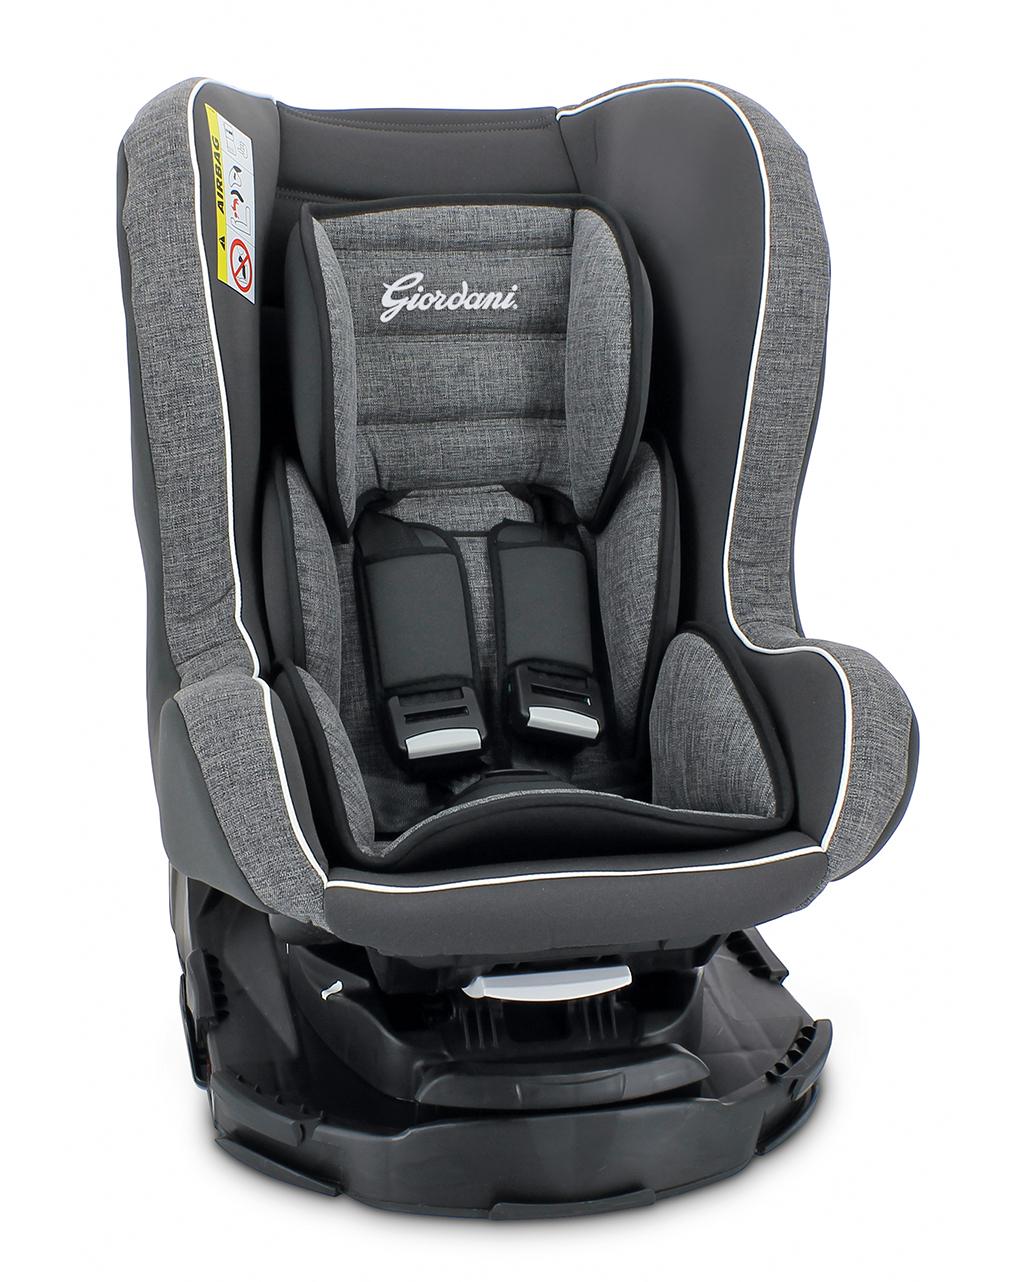 Giordani Κάθισμα Αυτοκινήτου Galaxy 2.0 Γκρι